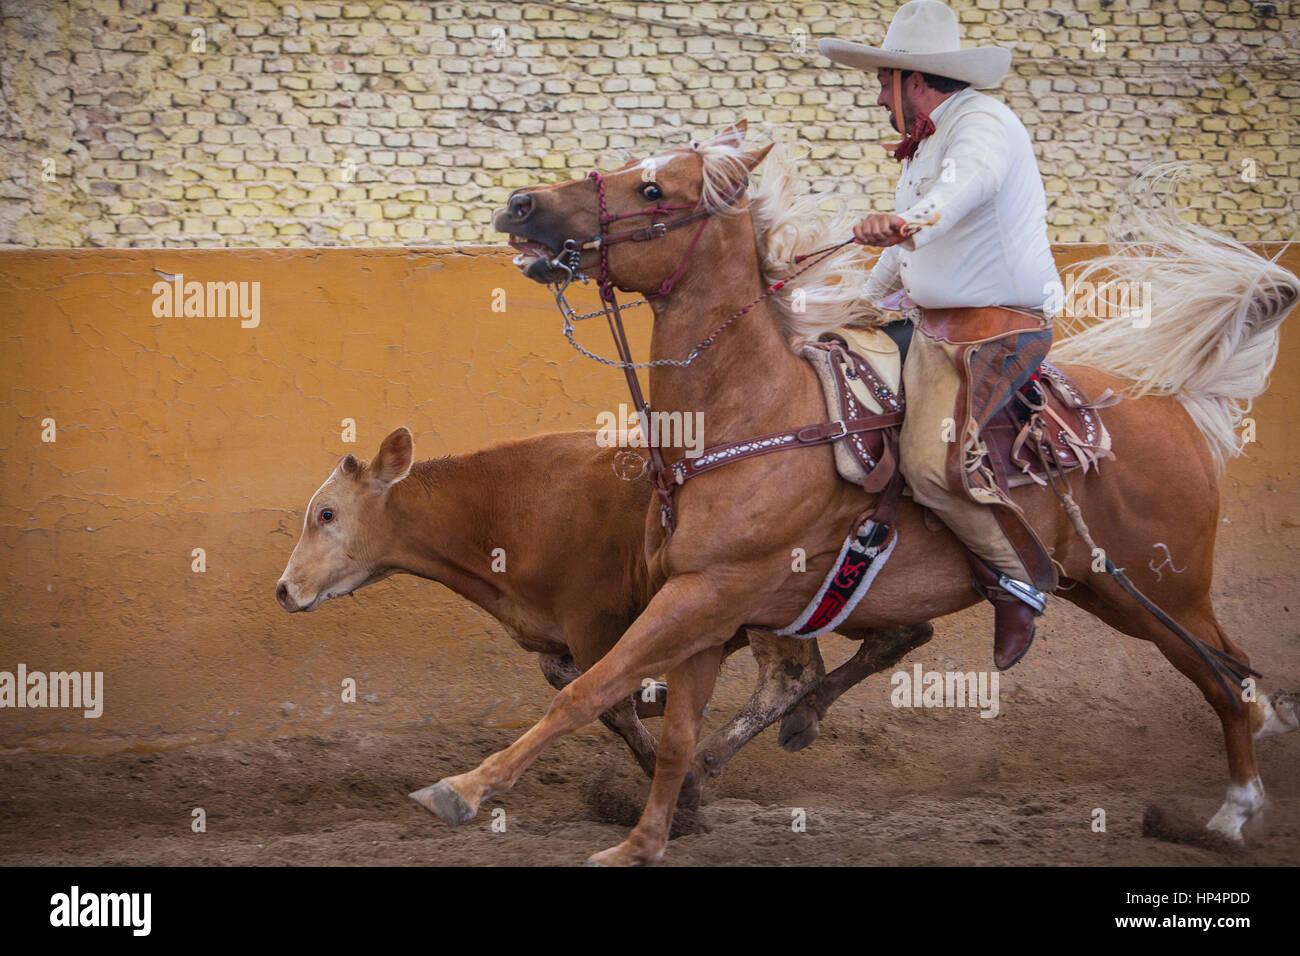 A charreada Mexican rodeo at the Lienzo Charro Zermeno, Guadalajara, Jalisco, Mexico - Stock Image